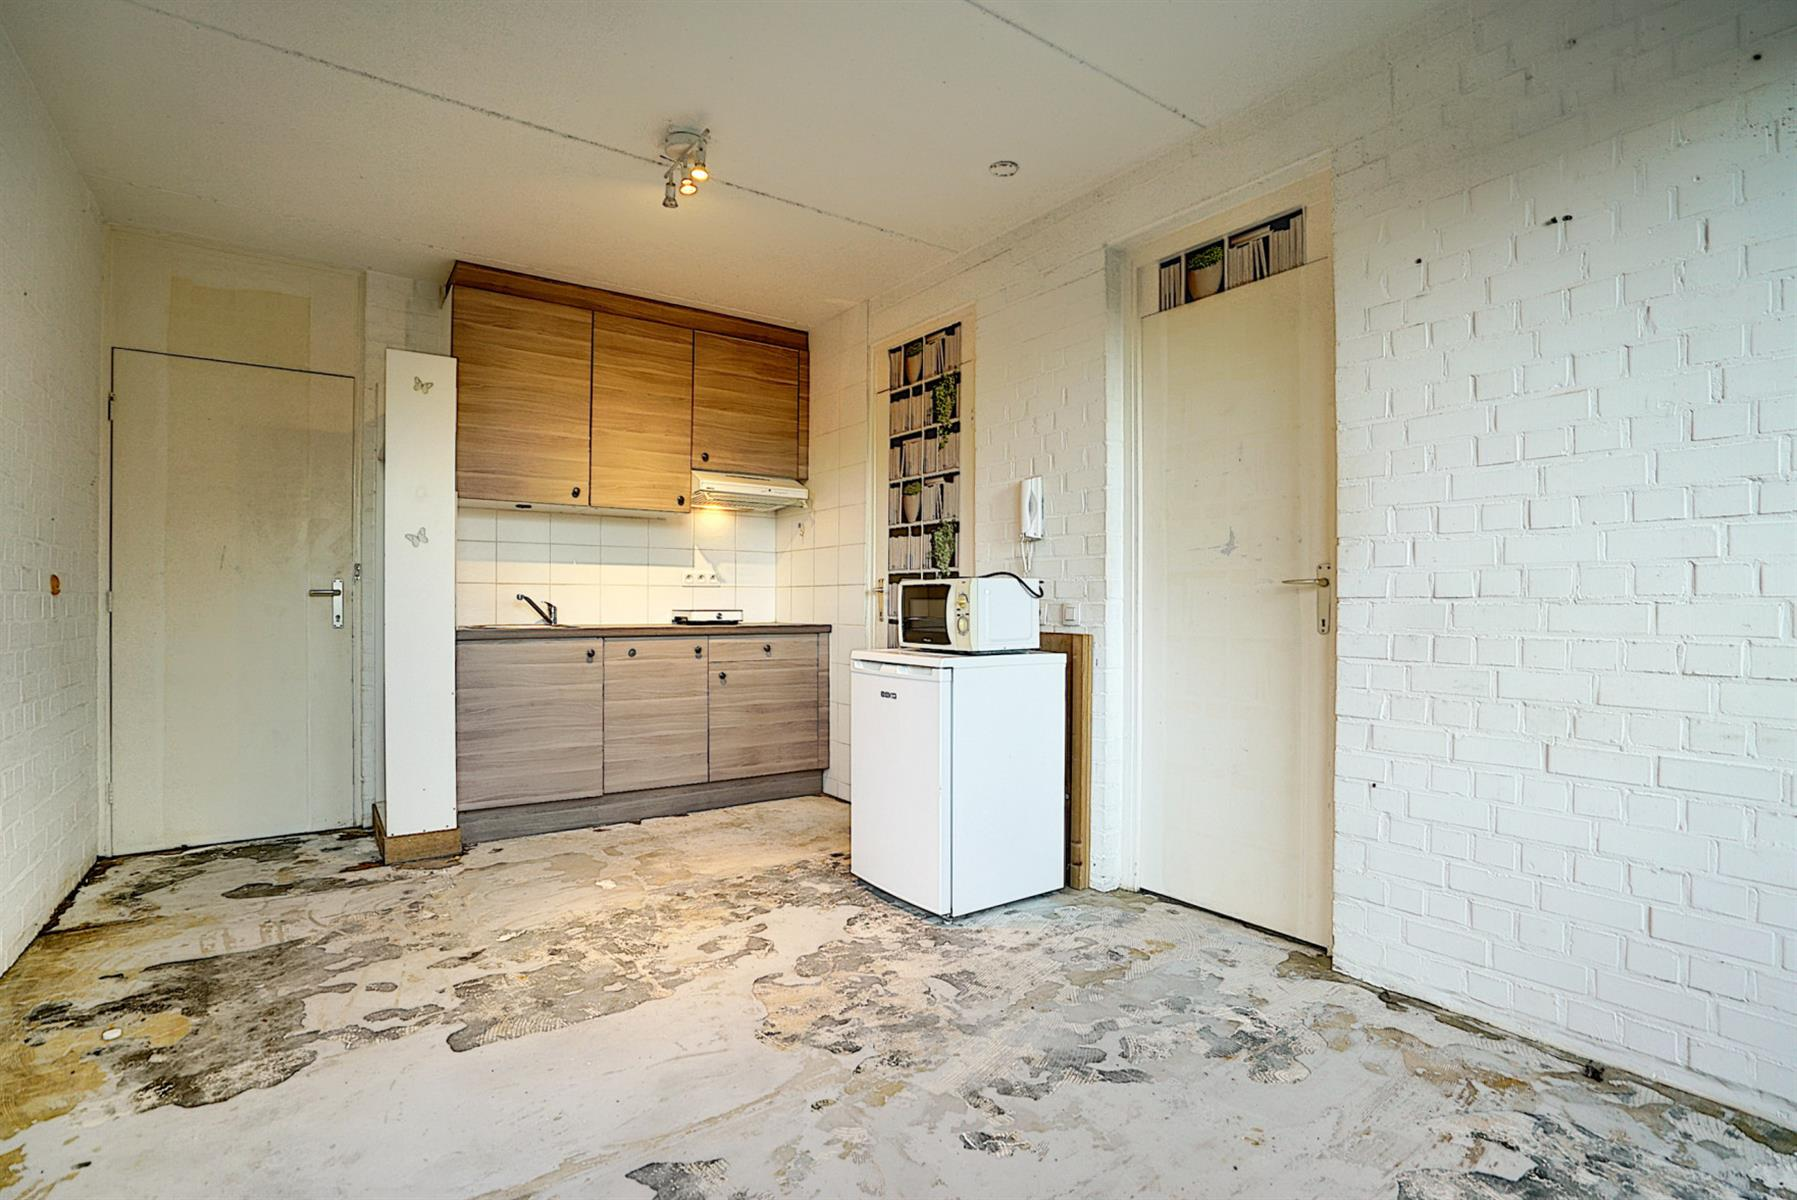 Appartement - Ottignies-Louvain-la-Neuve Louvain-la-Neuve - #4208592-1